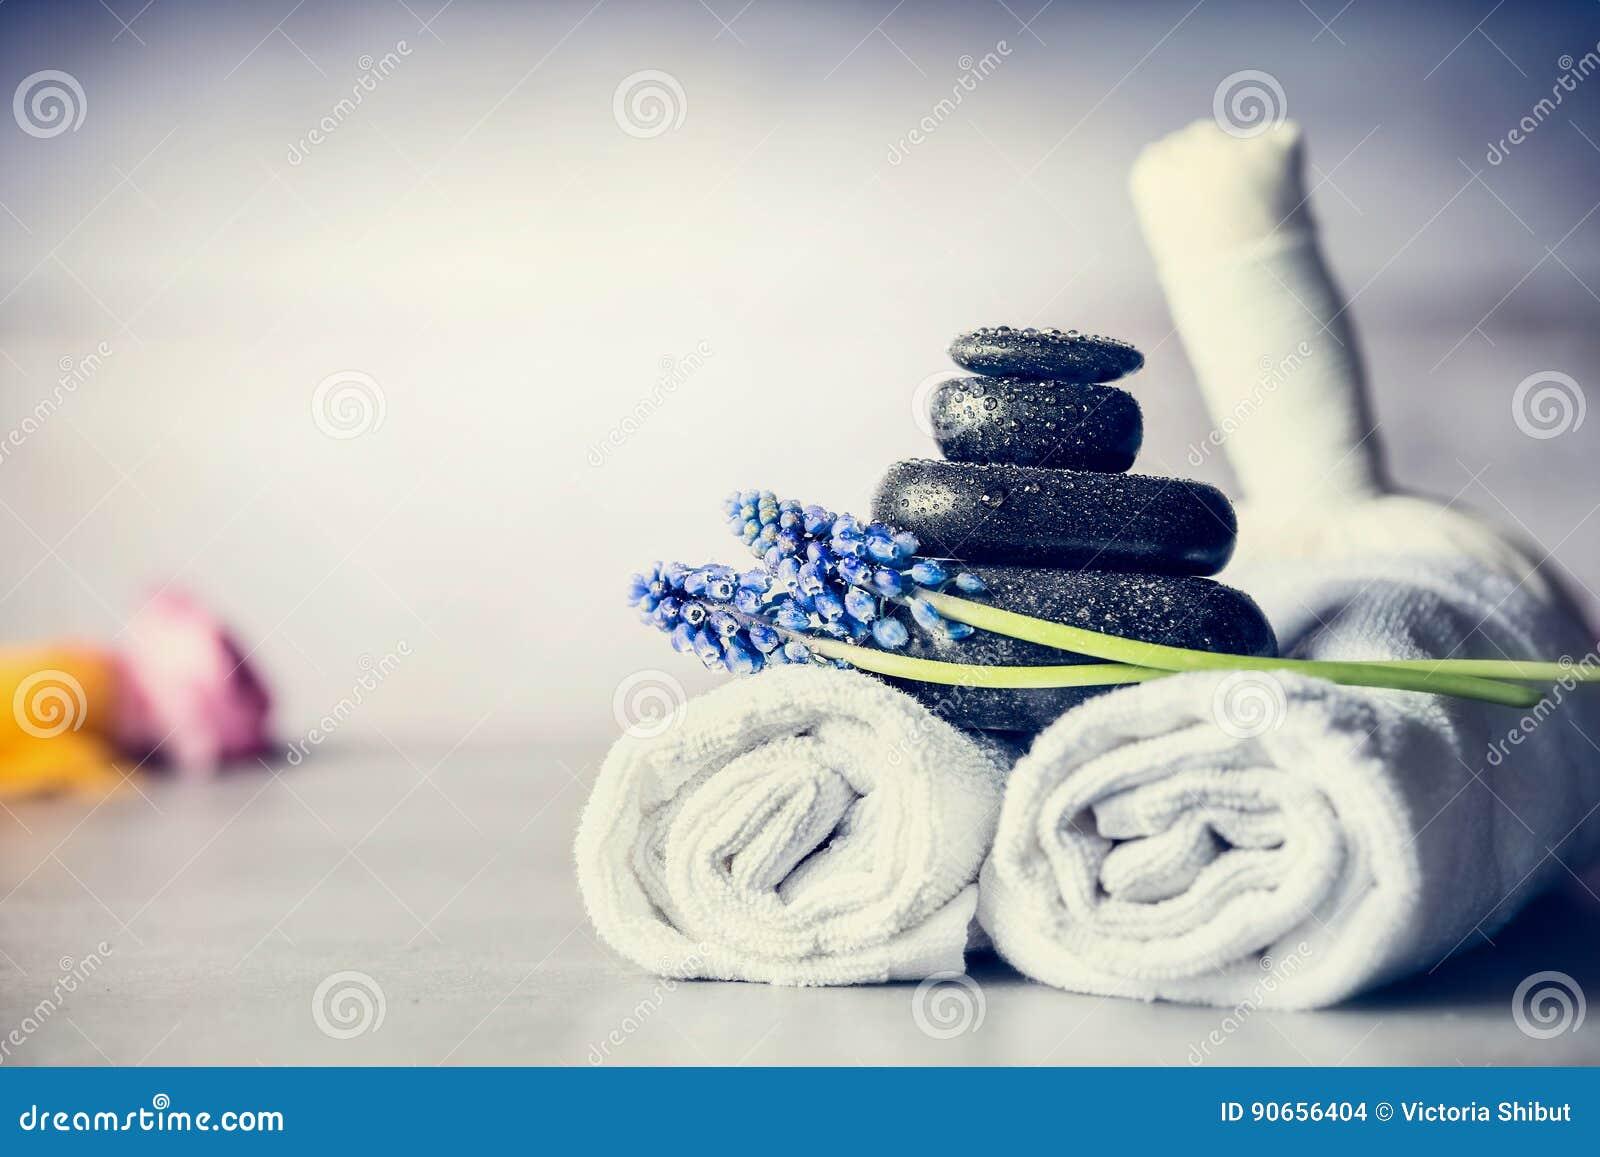 Spa massageinställning med handdukar, varma stenar och blåa blommor, slut upp, wellnessbegrepp